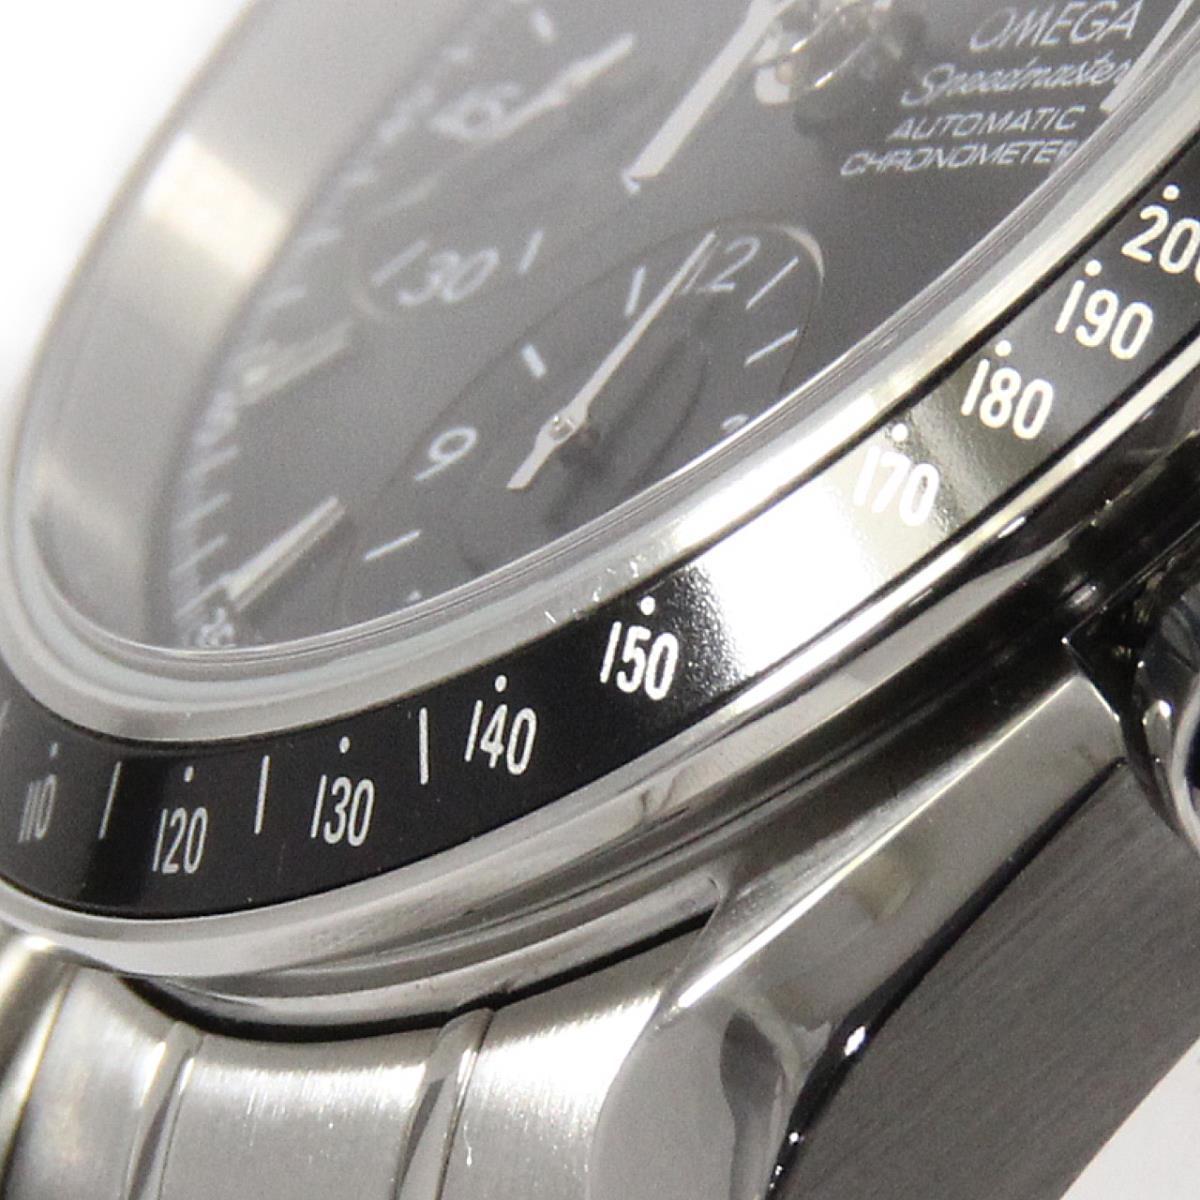 オメガ 3210.50 スピードマスターデイト 自動巻54ARjL